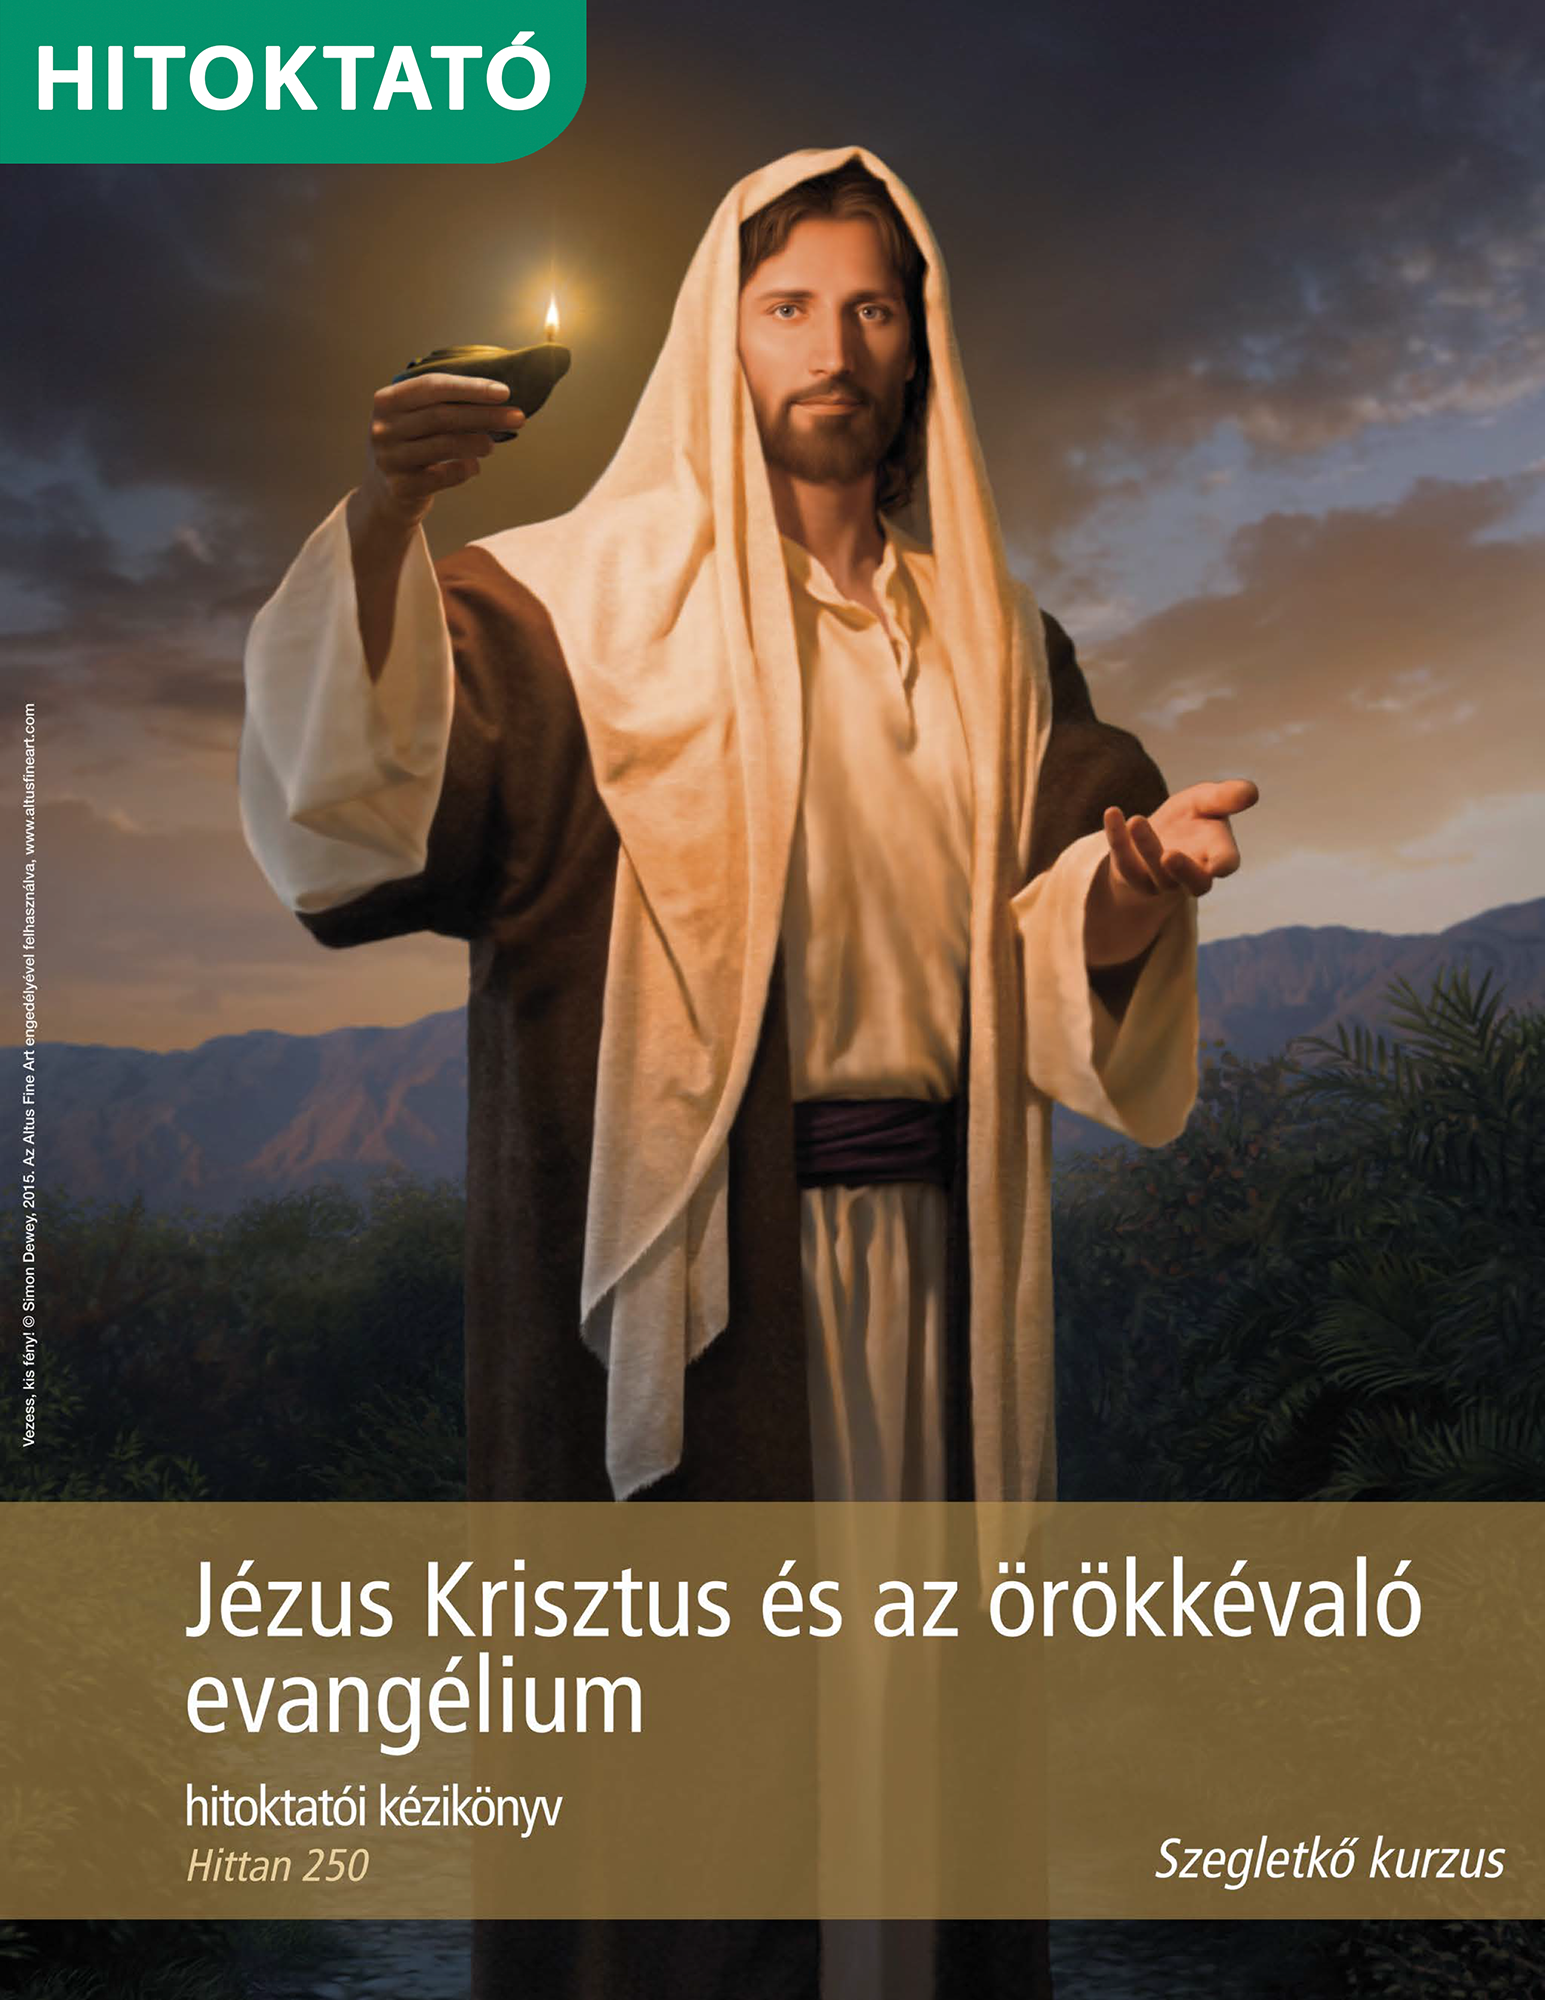 Jézus Krisztus és az örökkévaló evangélium hitoktatói kézikönyv (Hittan 250)